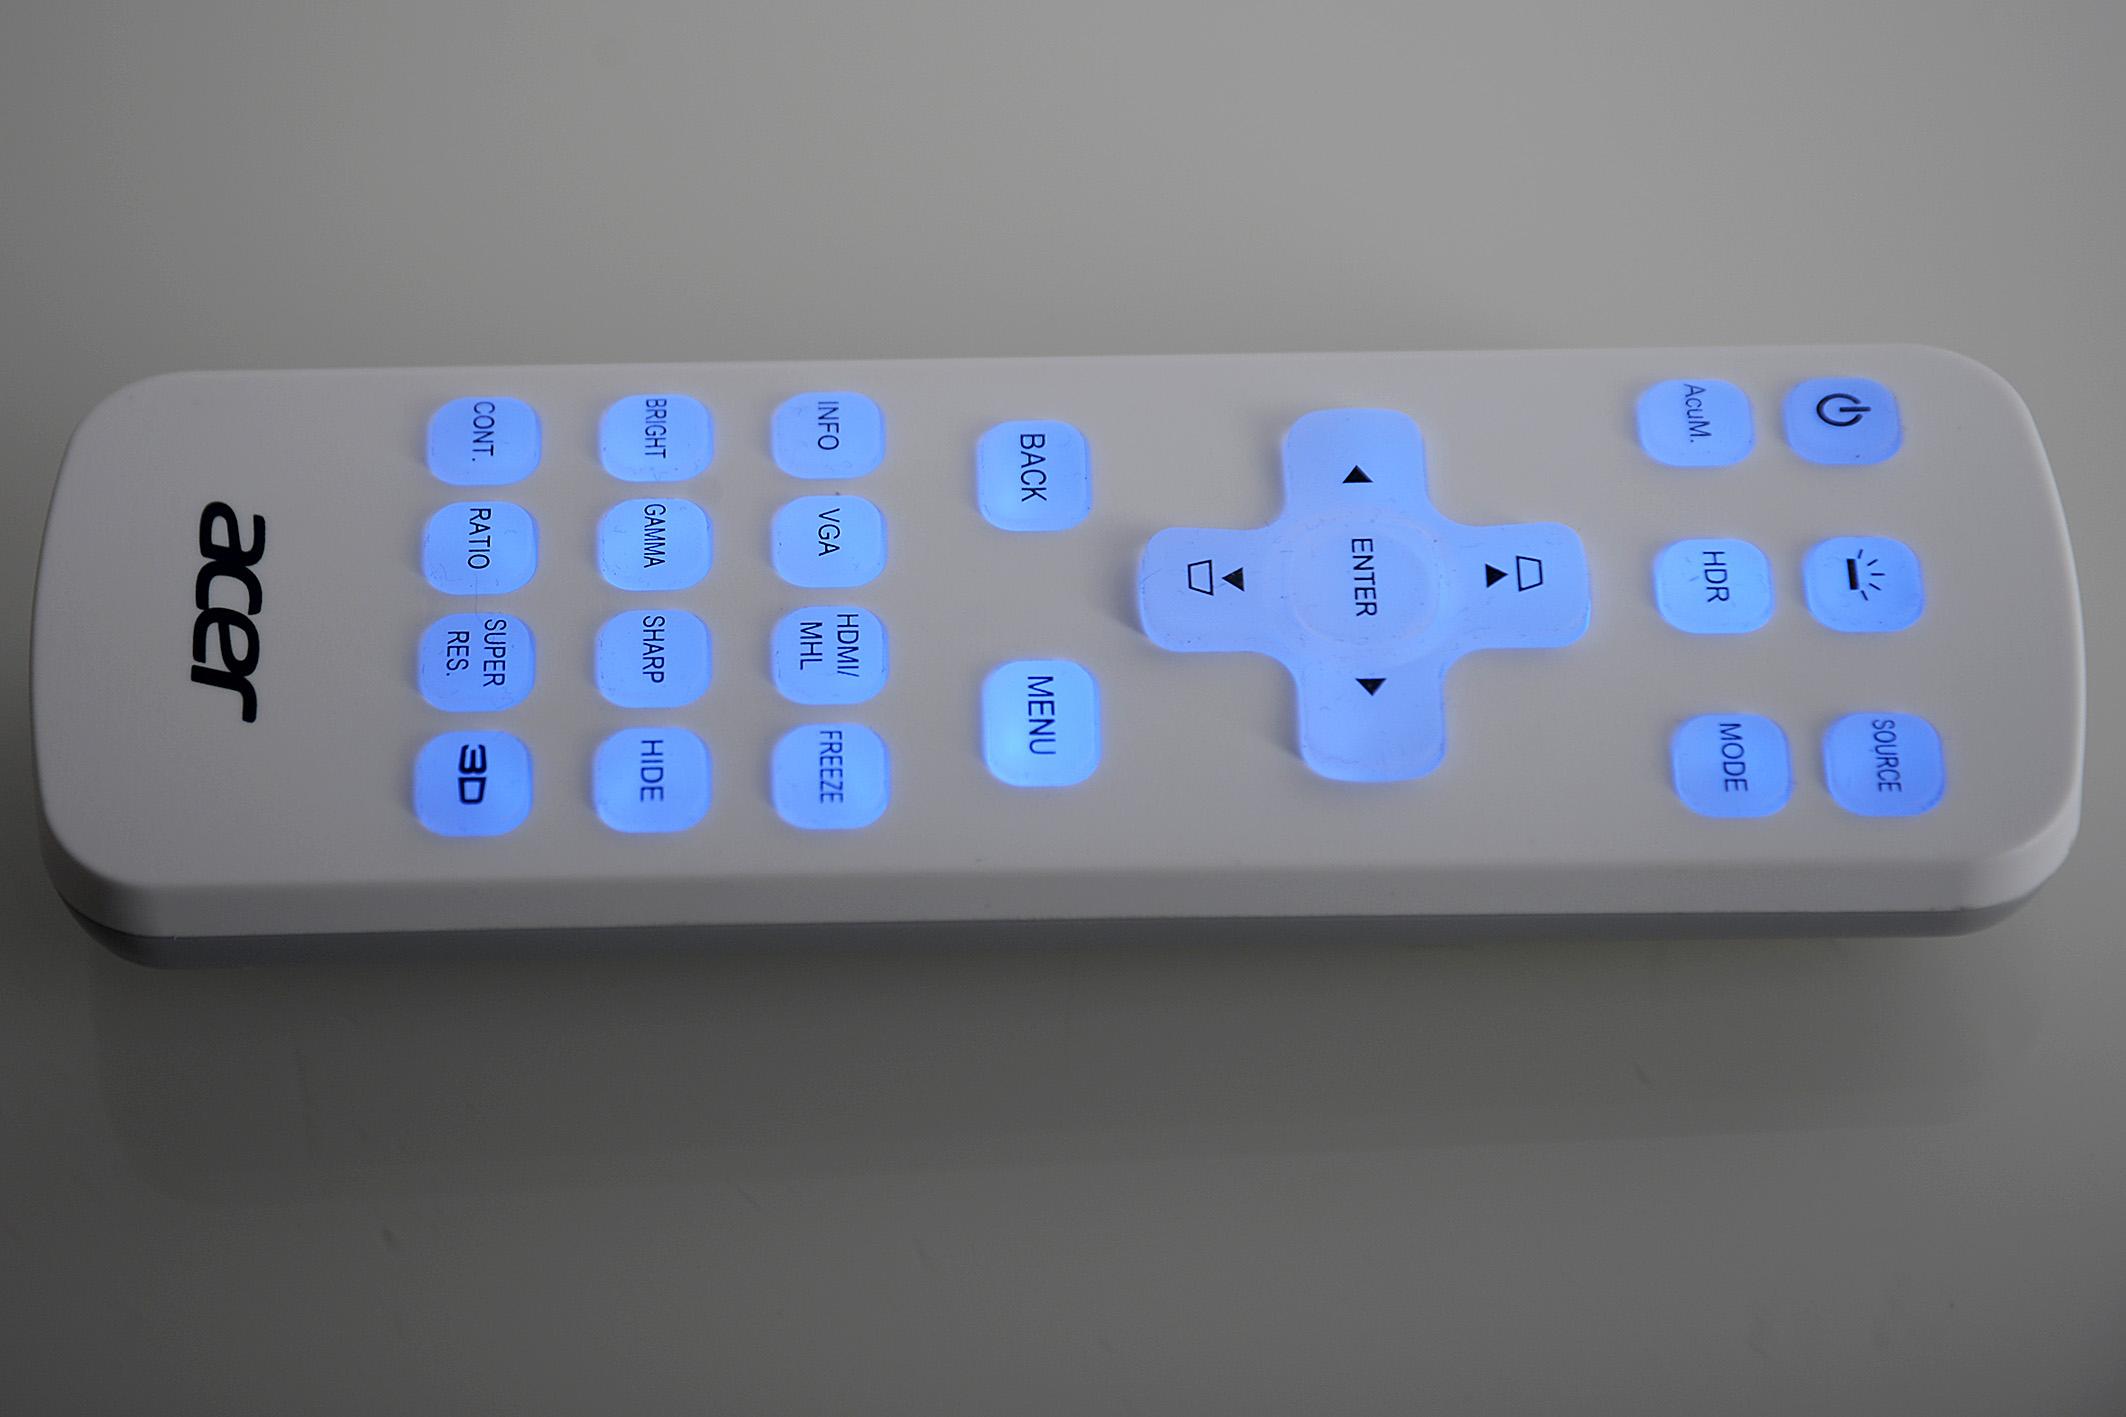 Foto: Michael B. Rehders Die Fernbedienung des VL7860 ist sehr hell beleuchtet, so dass die Navigation durch das On-Screen-Menü auch in völliger Dunkelheit treffsicher gelingt.